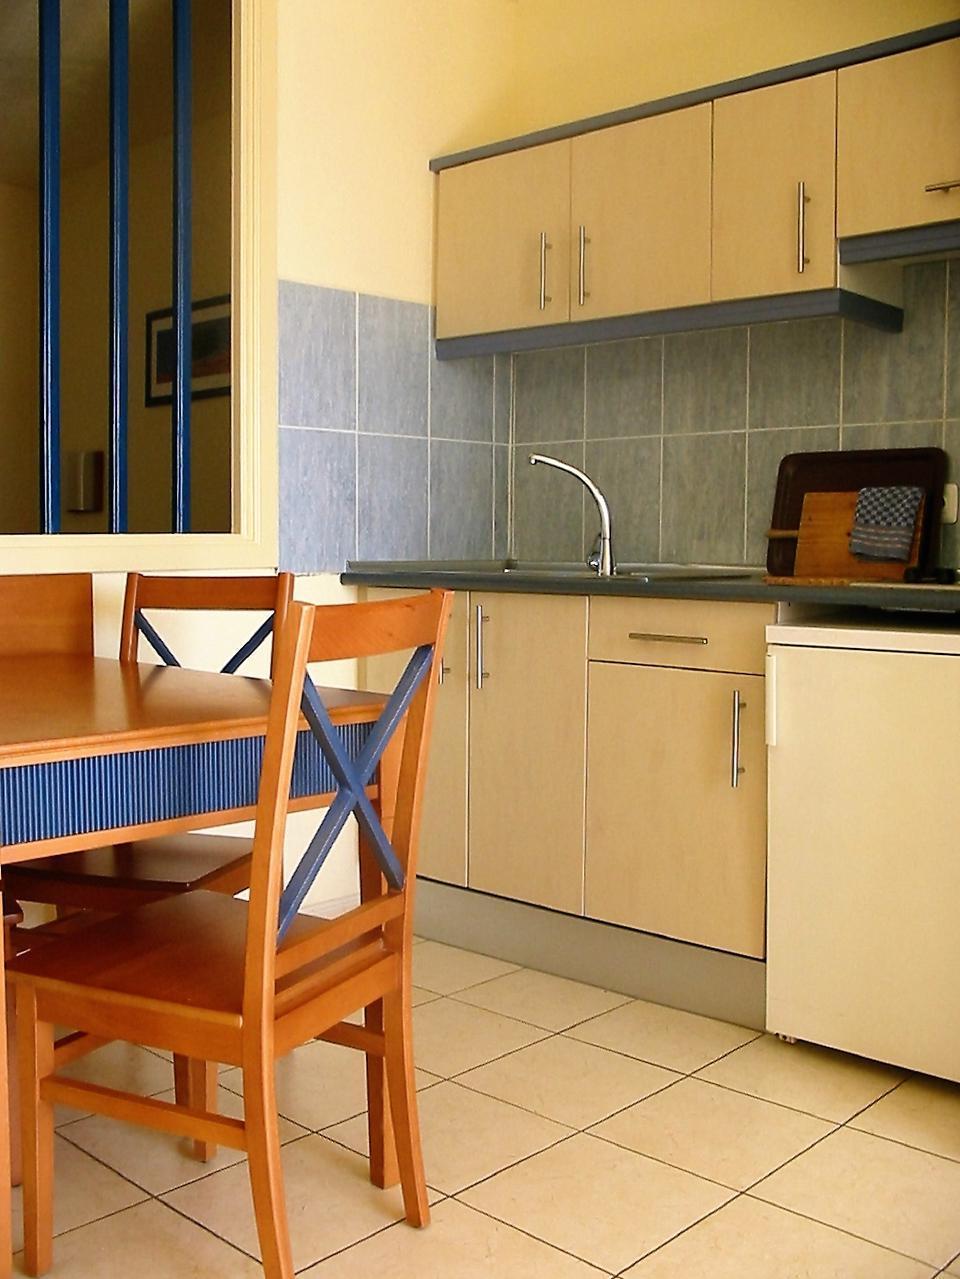 Ferienwohnung Apartment 2 / 4er Direkt am Meer, mit Blick auf den Strand, Schwimmbäder, ausgestattet. WI (634890), Morro Jable, Fuerteventura, Kanarische Inseln, Spanien, Bild 9